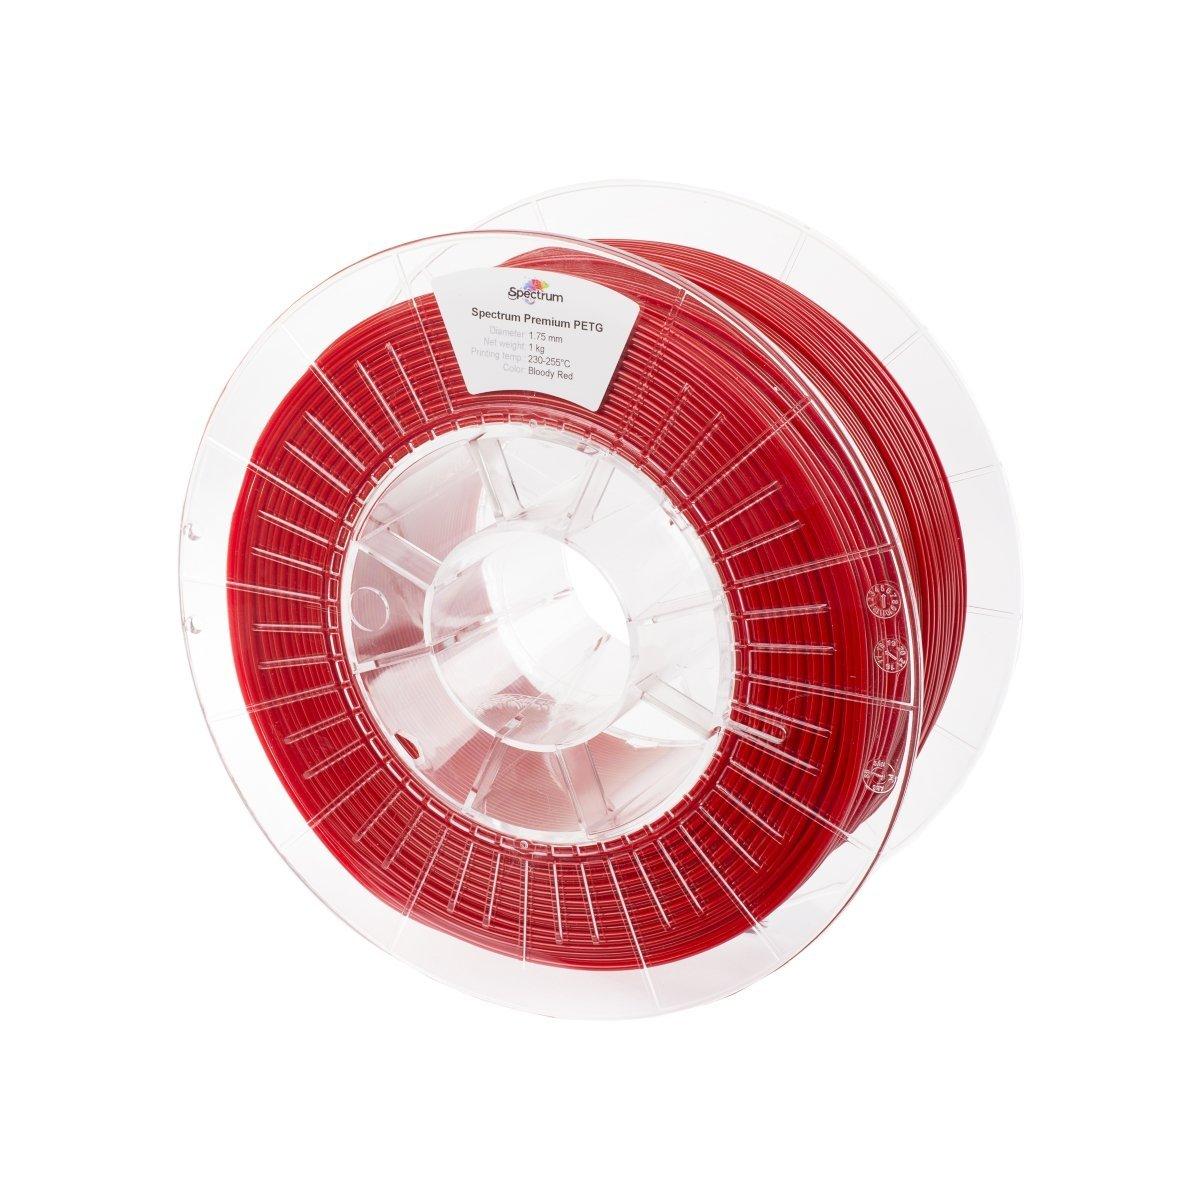 Billede af Spectrum Filaments - PETG - 1.75mm - Bloody Red - 1 kg